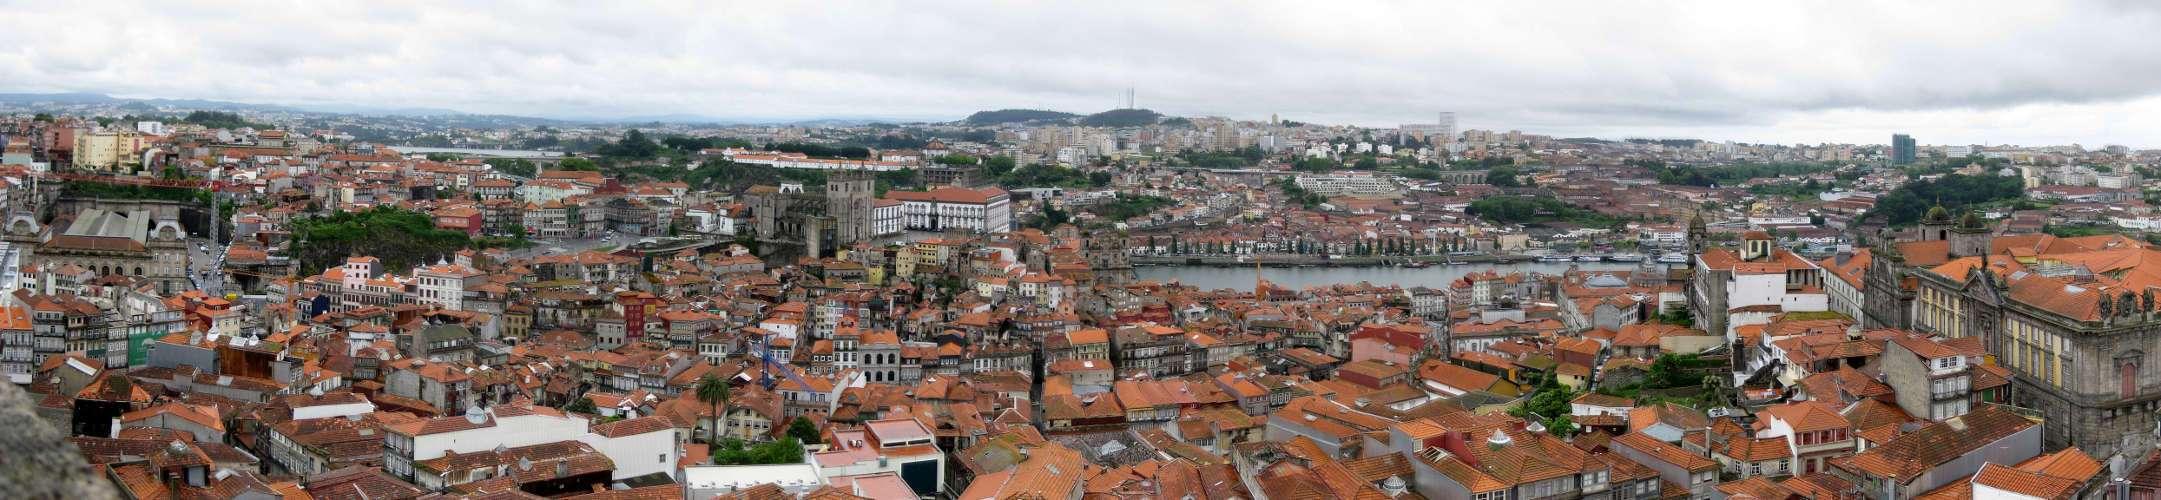 Panorámica de Oporto